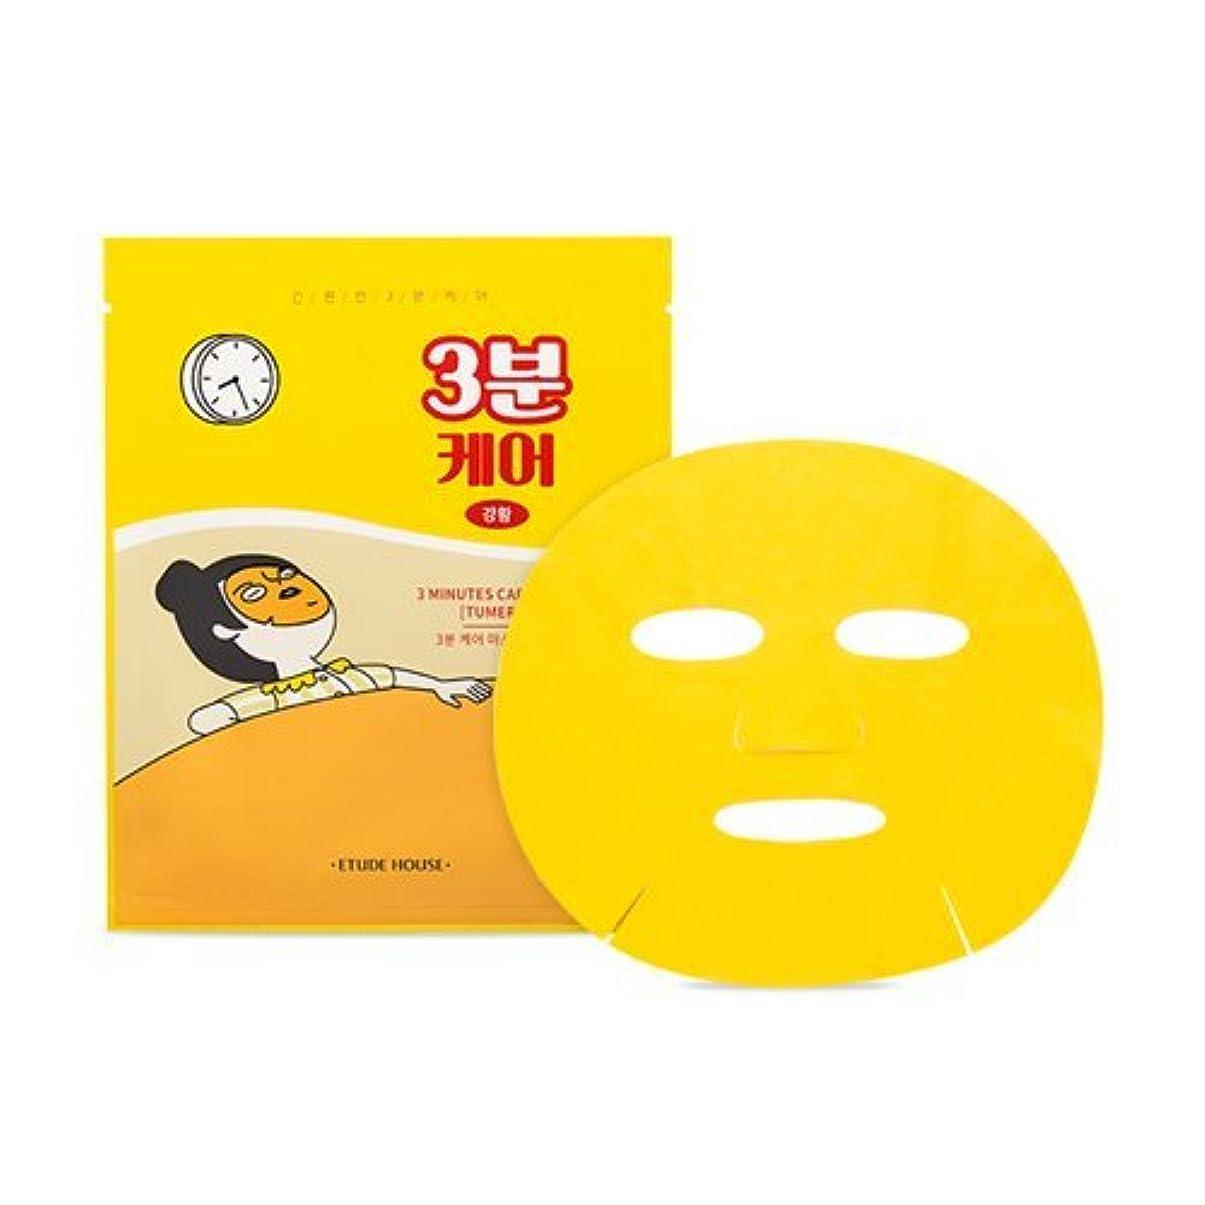 数学的な偶然素晴らしいエチュードハウス 3分ケア マスク[ ウコン ] 5枚/ETUDE HOUSE 3 Minutes Care Mask [TUMERIC] 23g*5EA